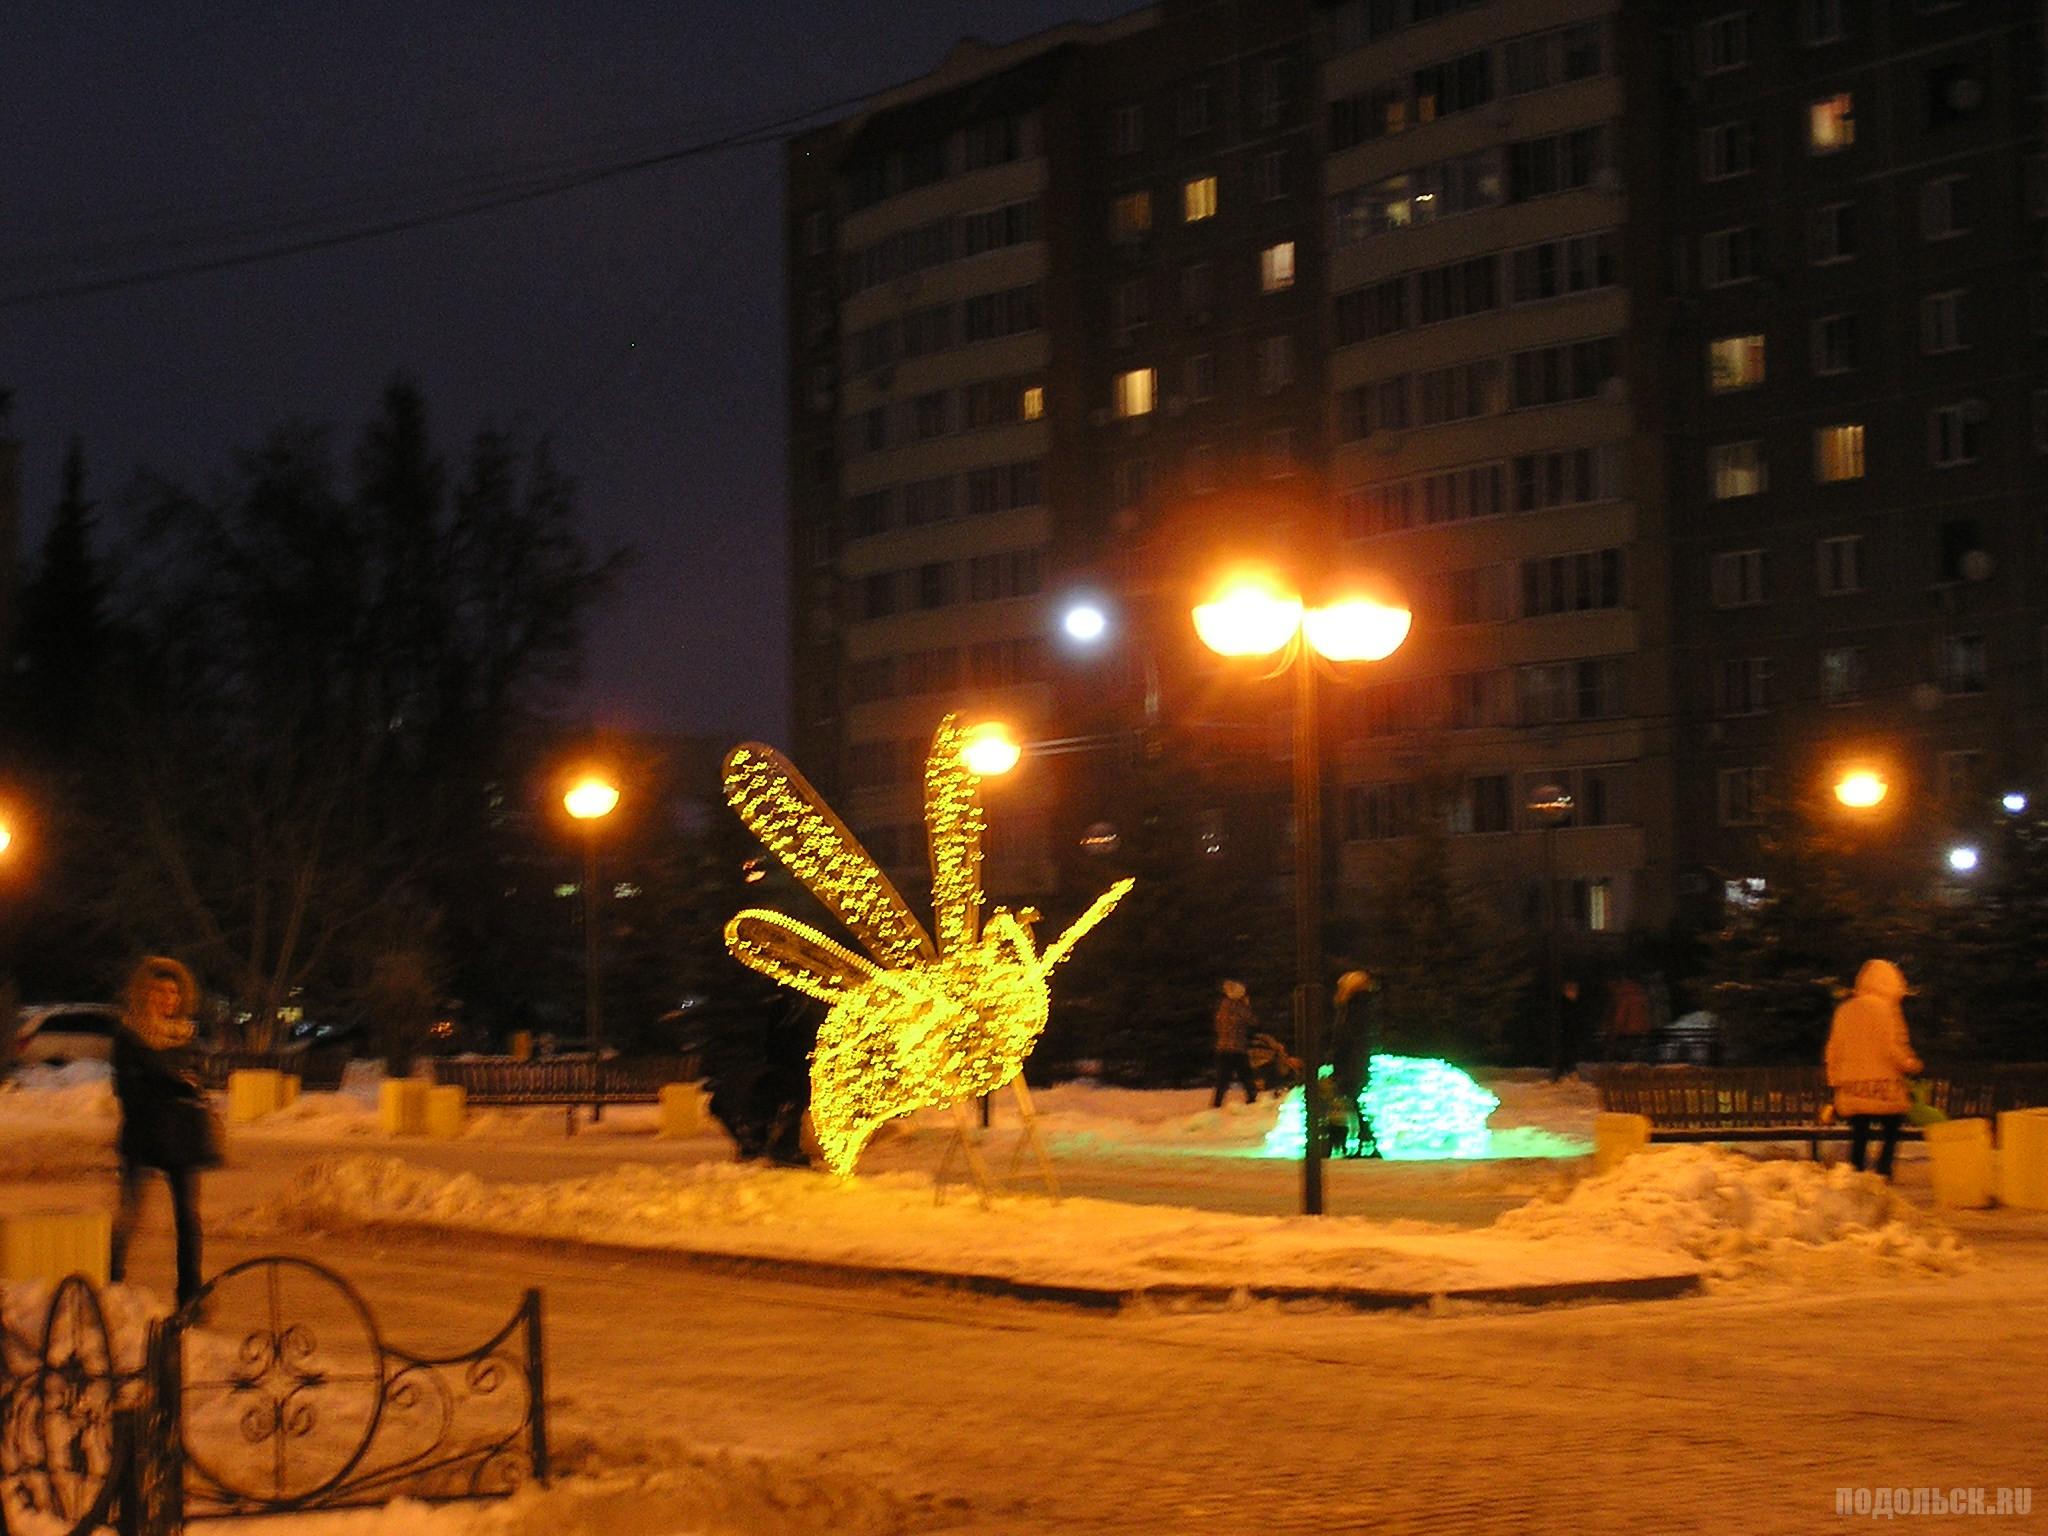 Сквер Поколений. 22.12.2016.